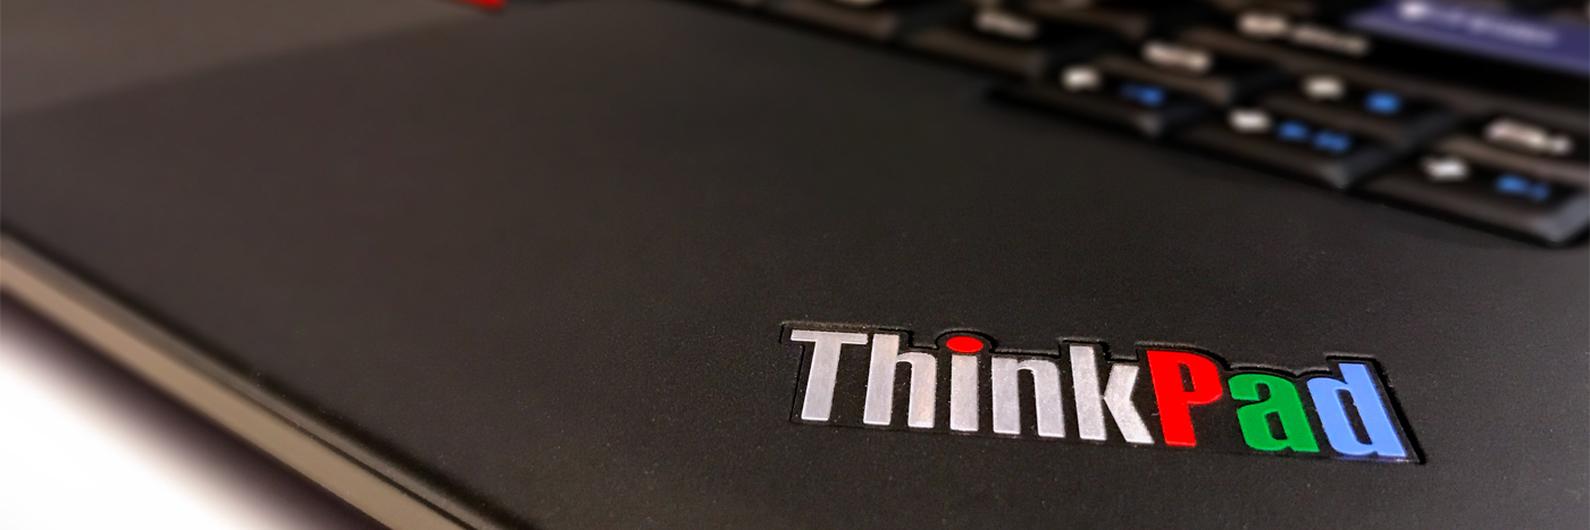 """Lenovo viaja no tempo e reedita ThinkPad """"vintage"""" de 1992"""